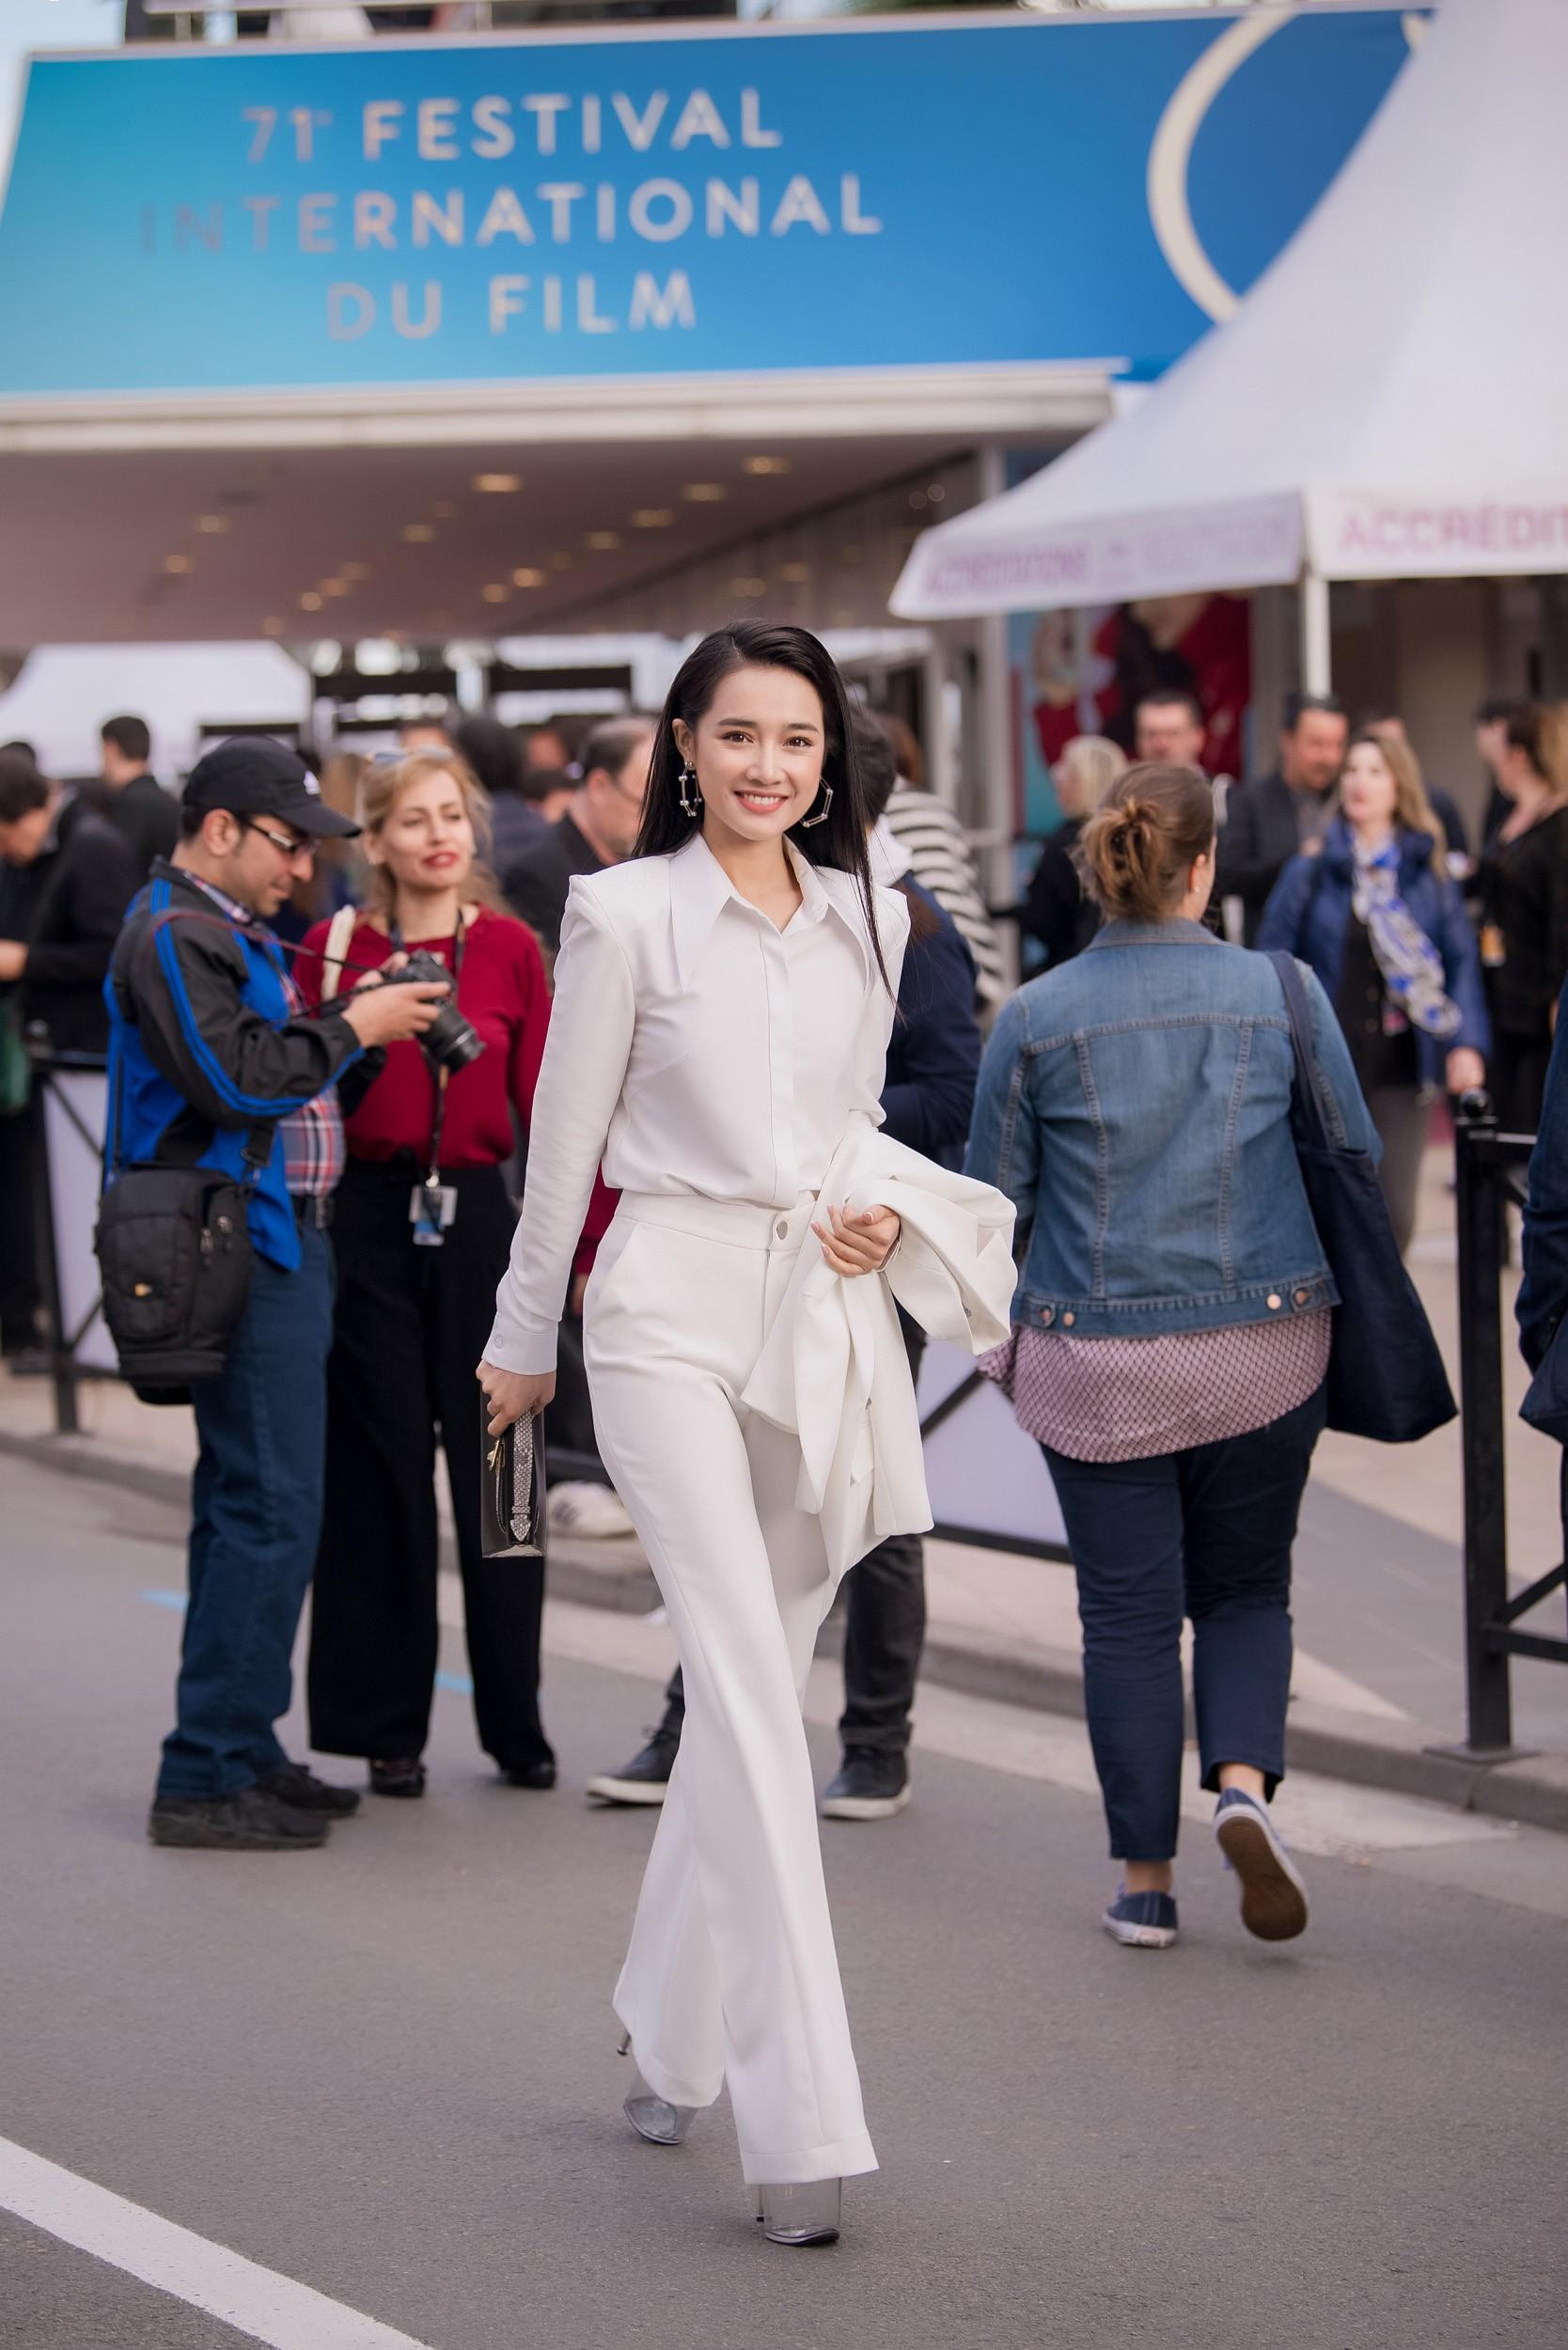 Sau lùm xùm tình ái, Nhã Phương lấy lại thần thái rạng rỡ khi xuất hiện tại Cannes - Ảnh 2.